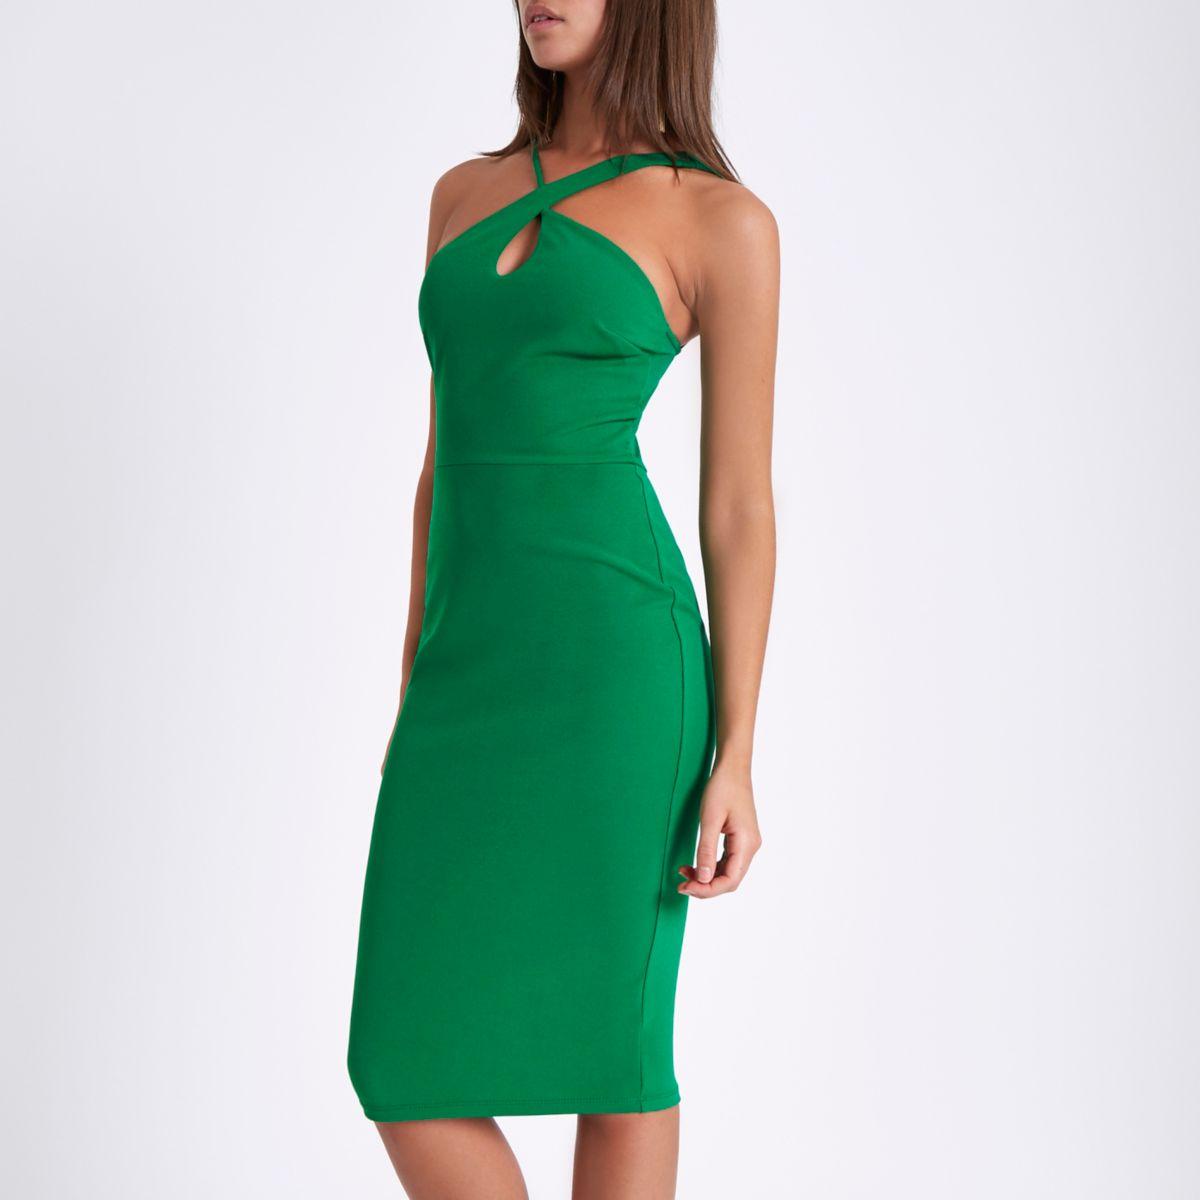 Green strappy cross neck bodycon midi dress